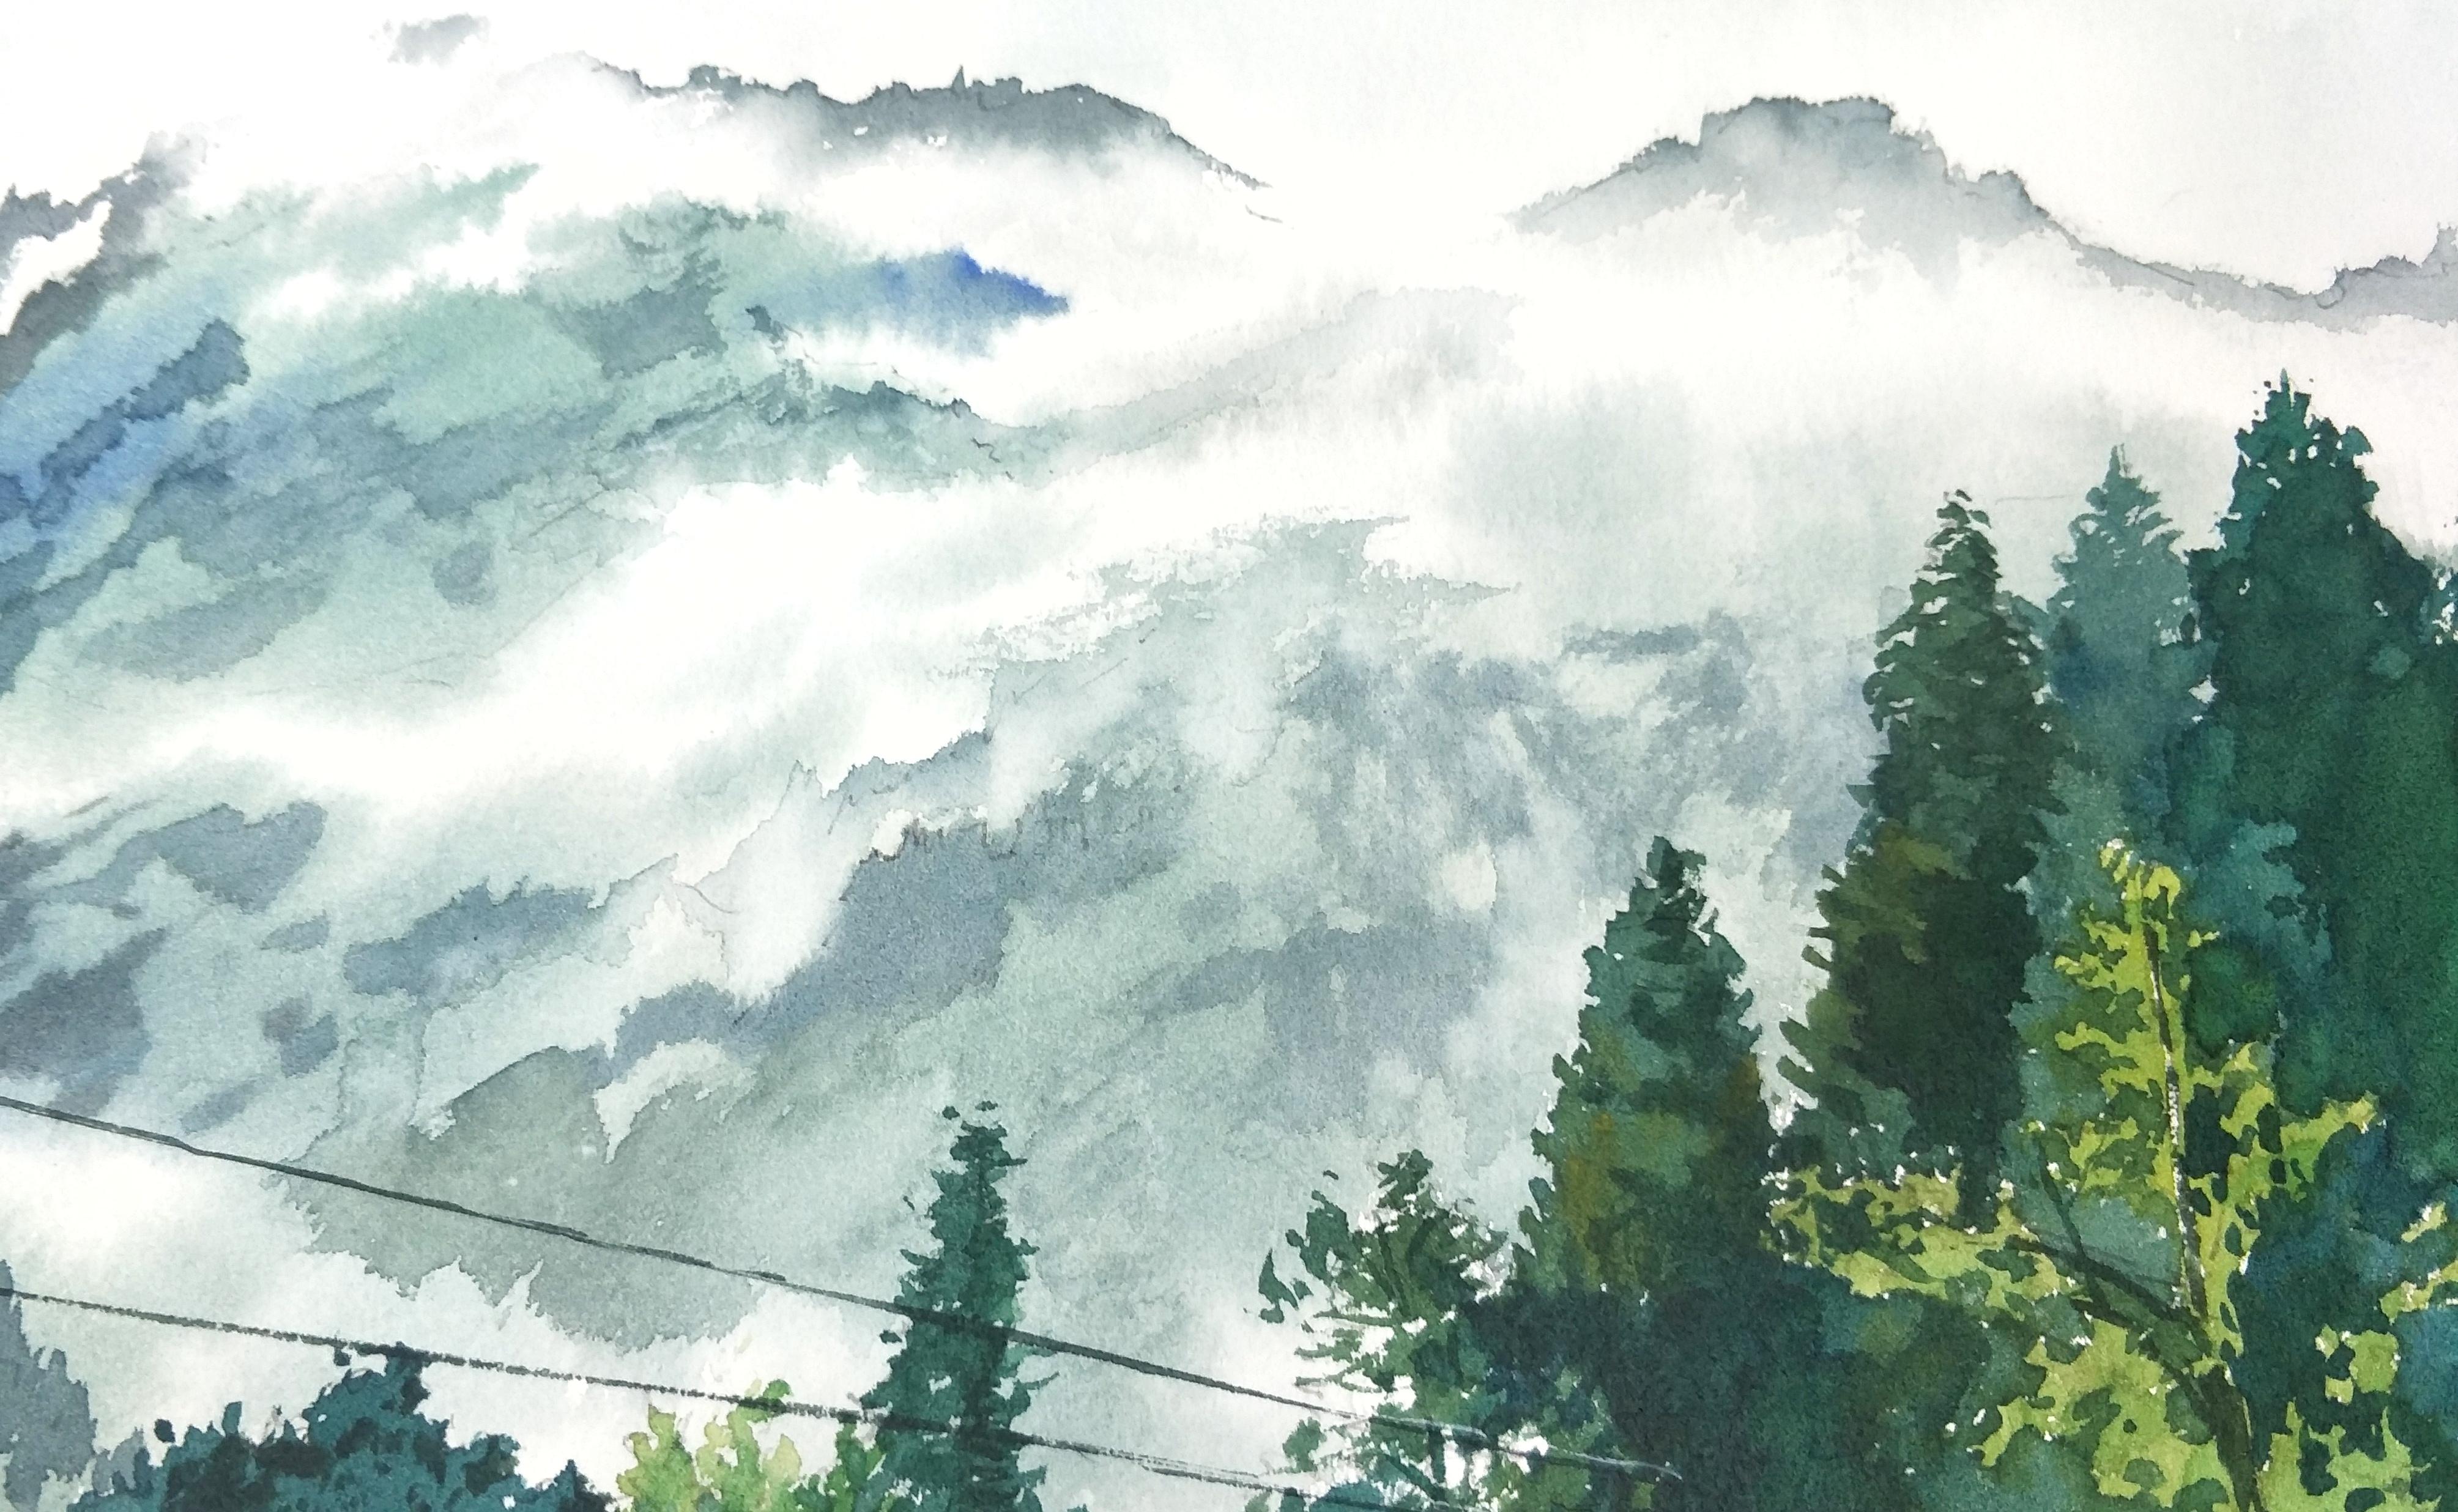 水彩手绘风景